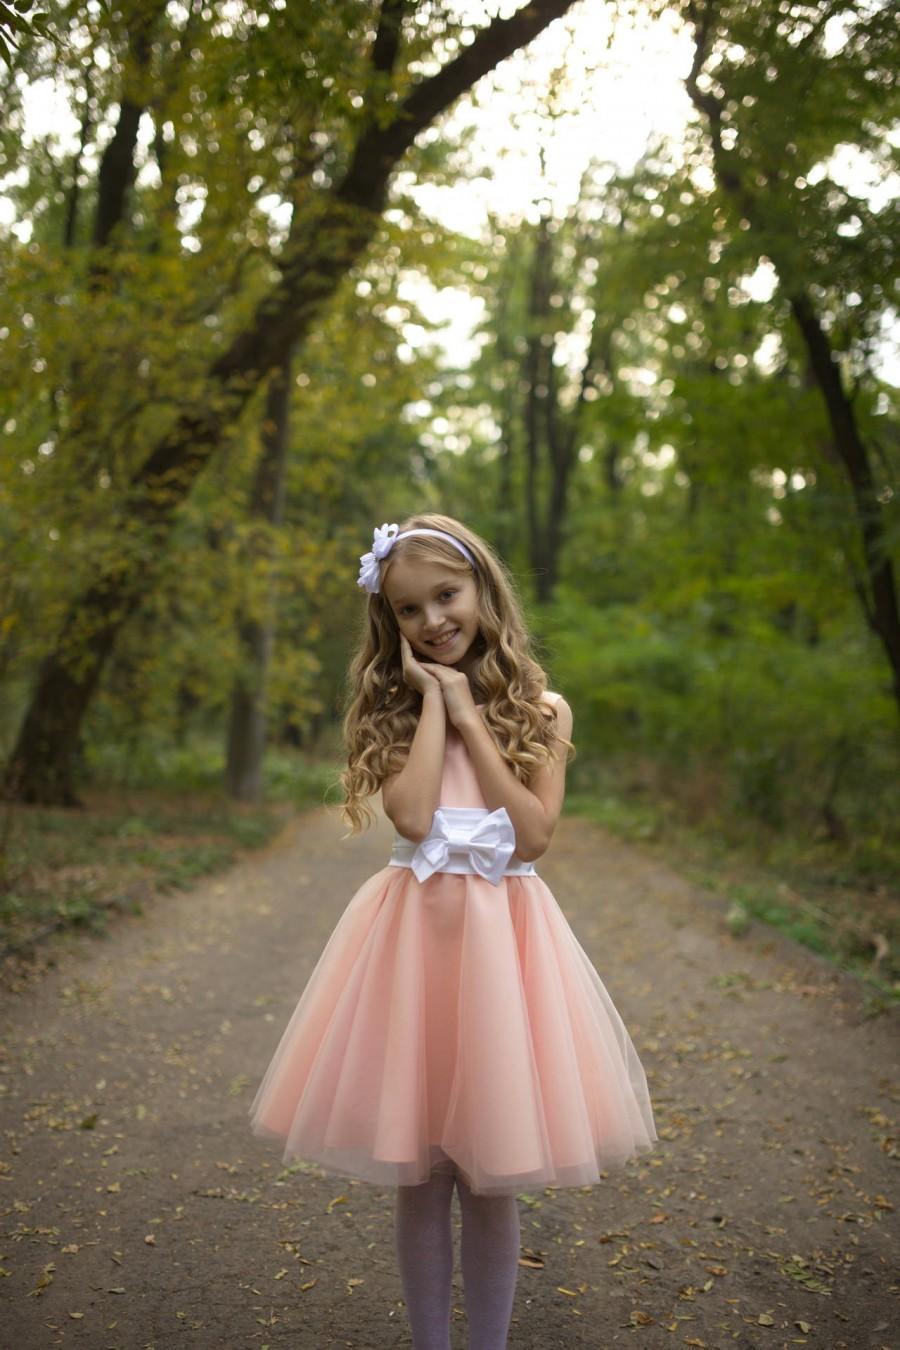 Свадьба - Flower girl dress, Peach dress, Country flower girl, Country wedding, Baby dress, Birthday girl dress